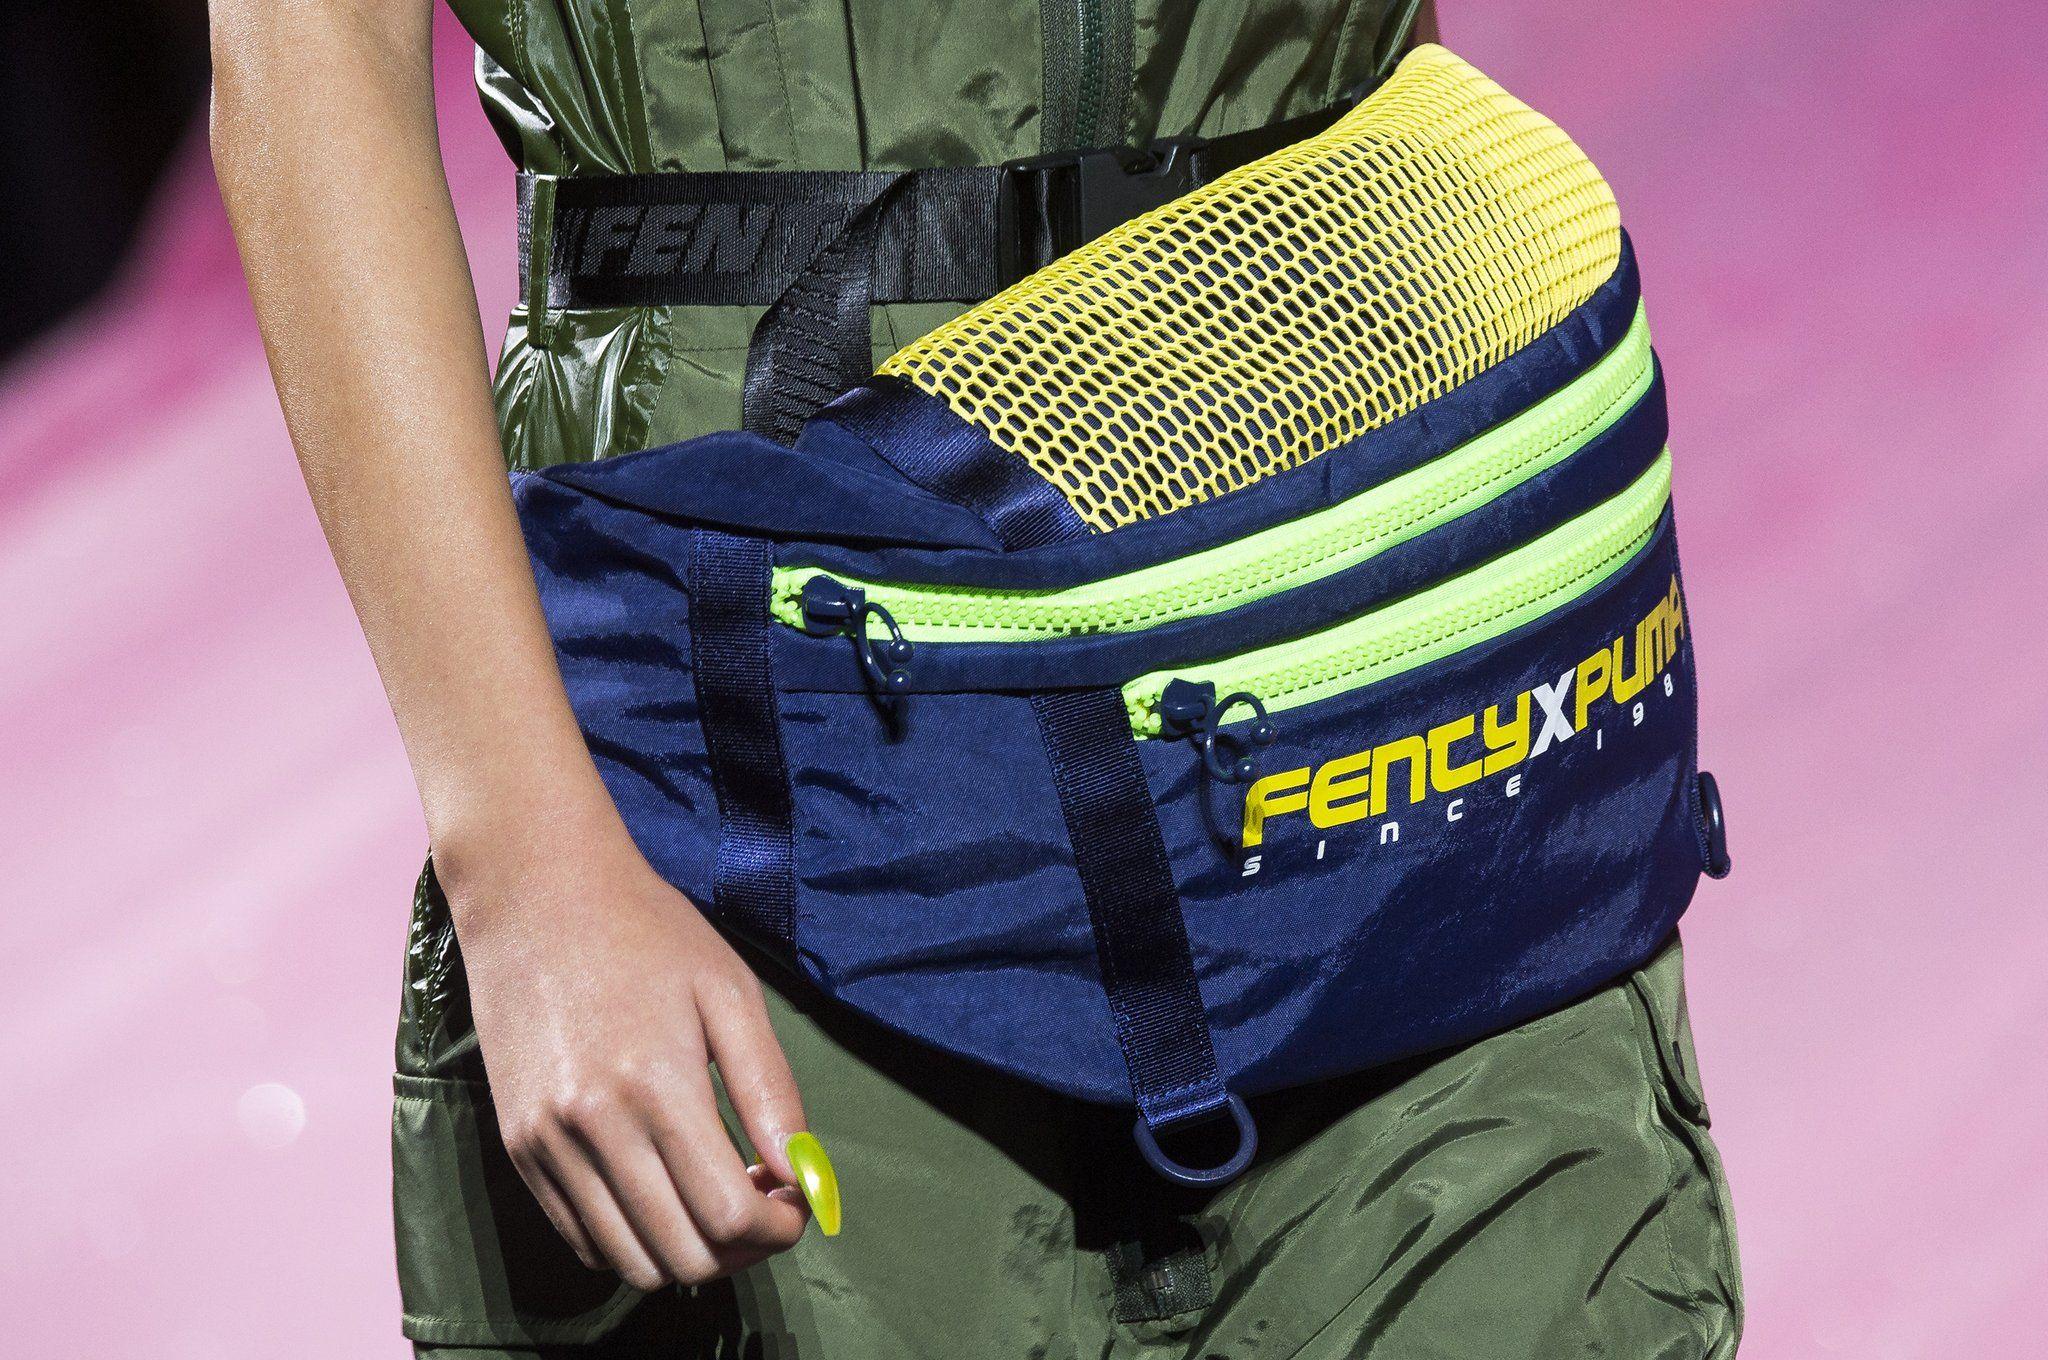 85edf5786a Fanny Packs: Fenty x Puma   inspired by bags 2018   Fashion, Fenty ...